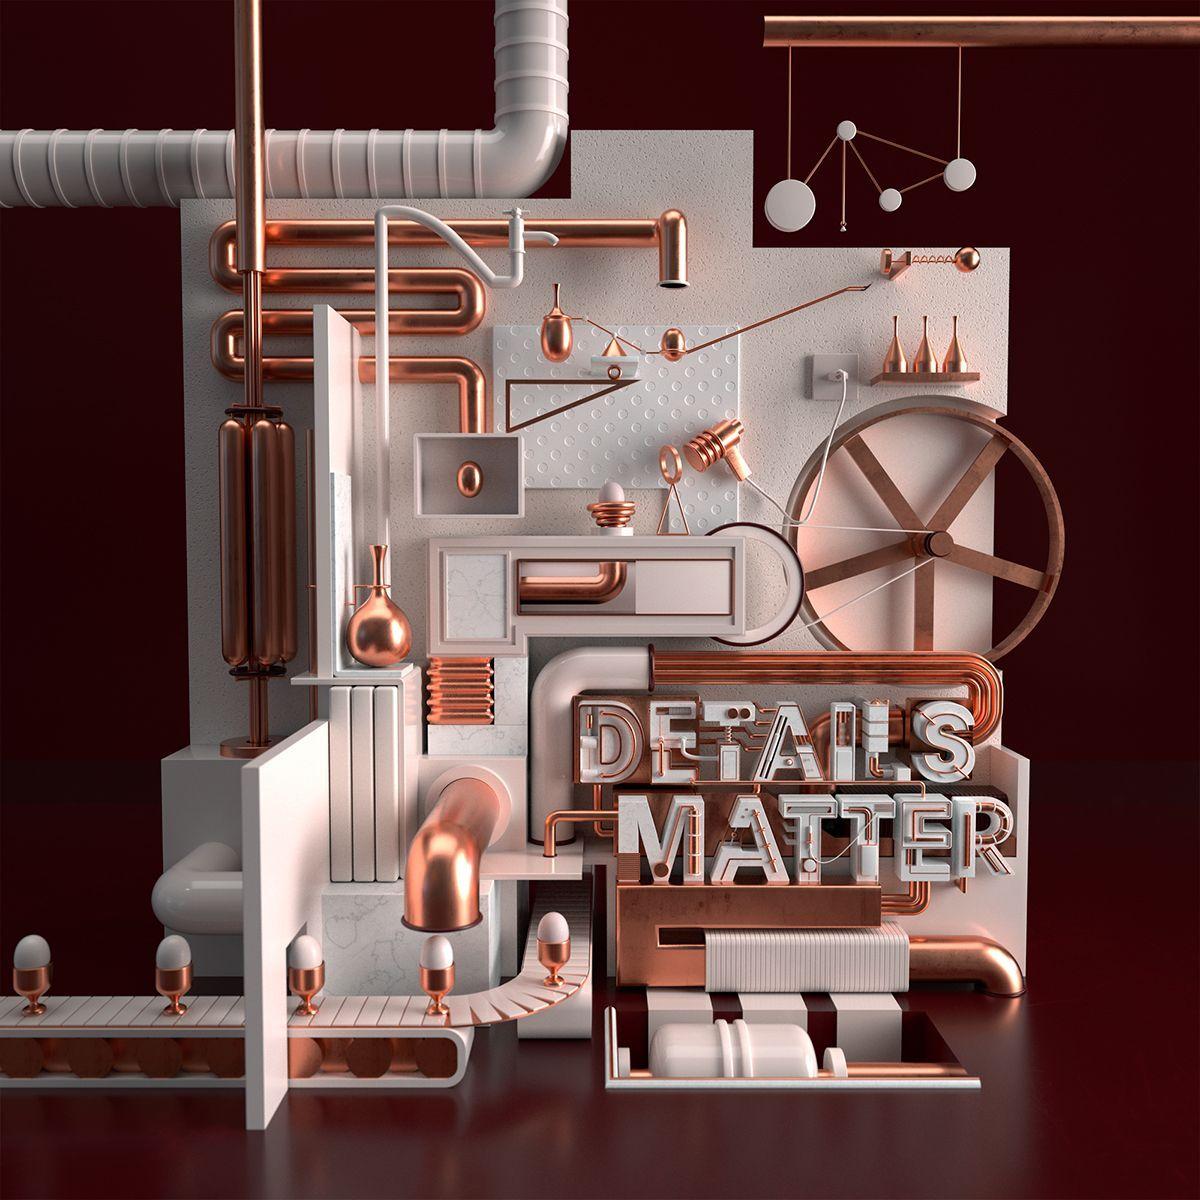 Details Matter. on Behance #3dtypography Details Matter. on Behance #3dtypography